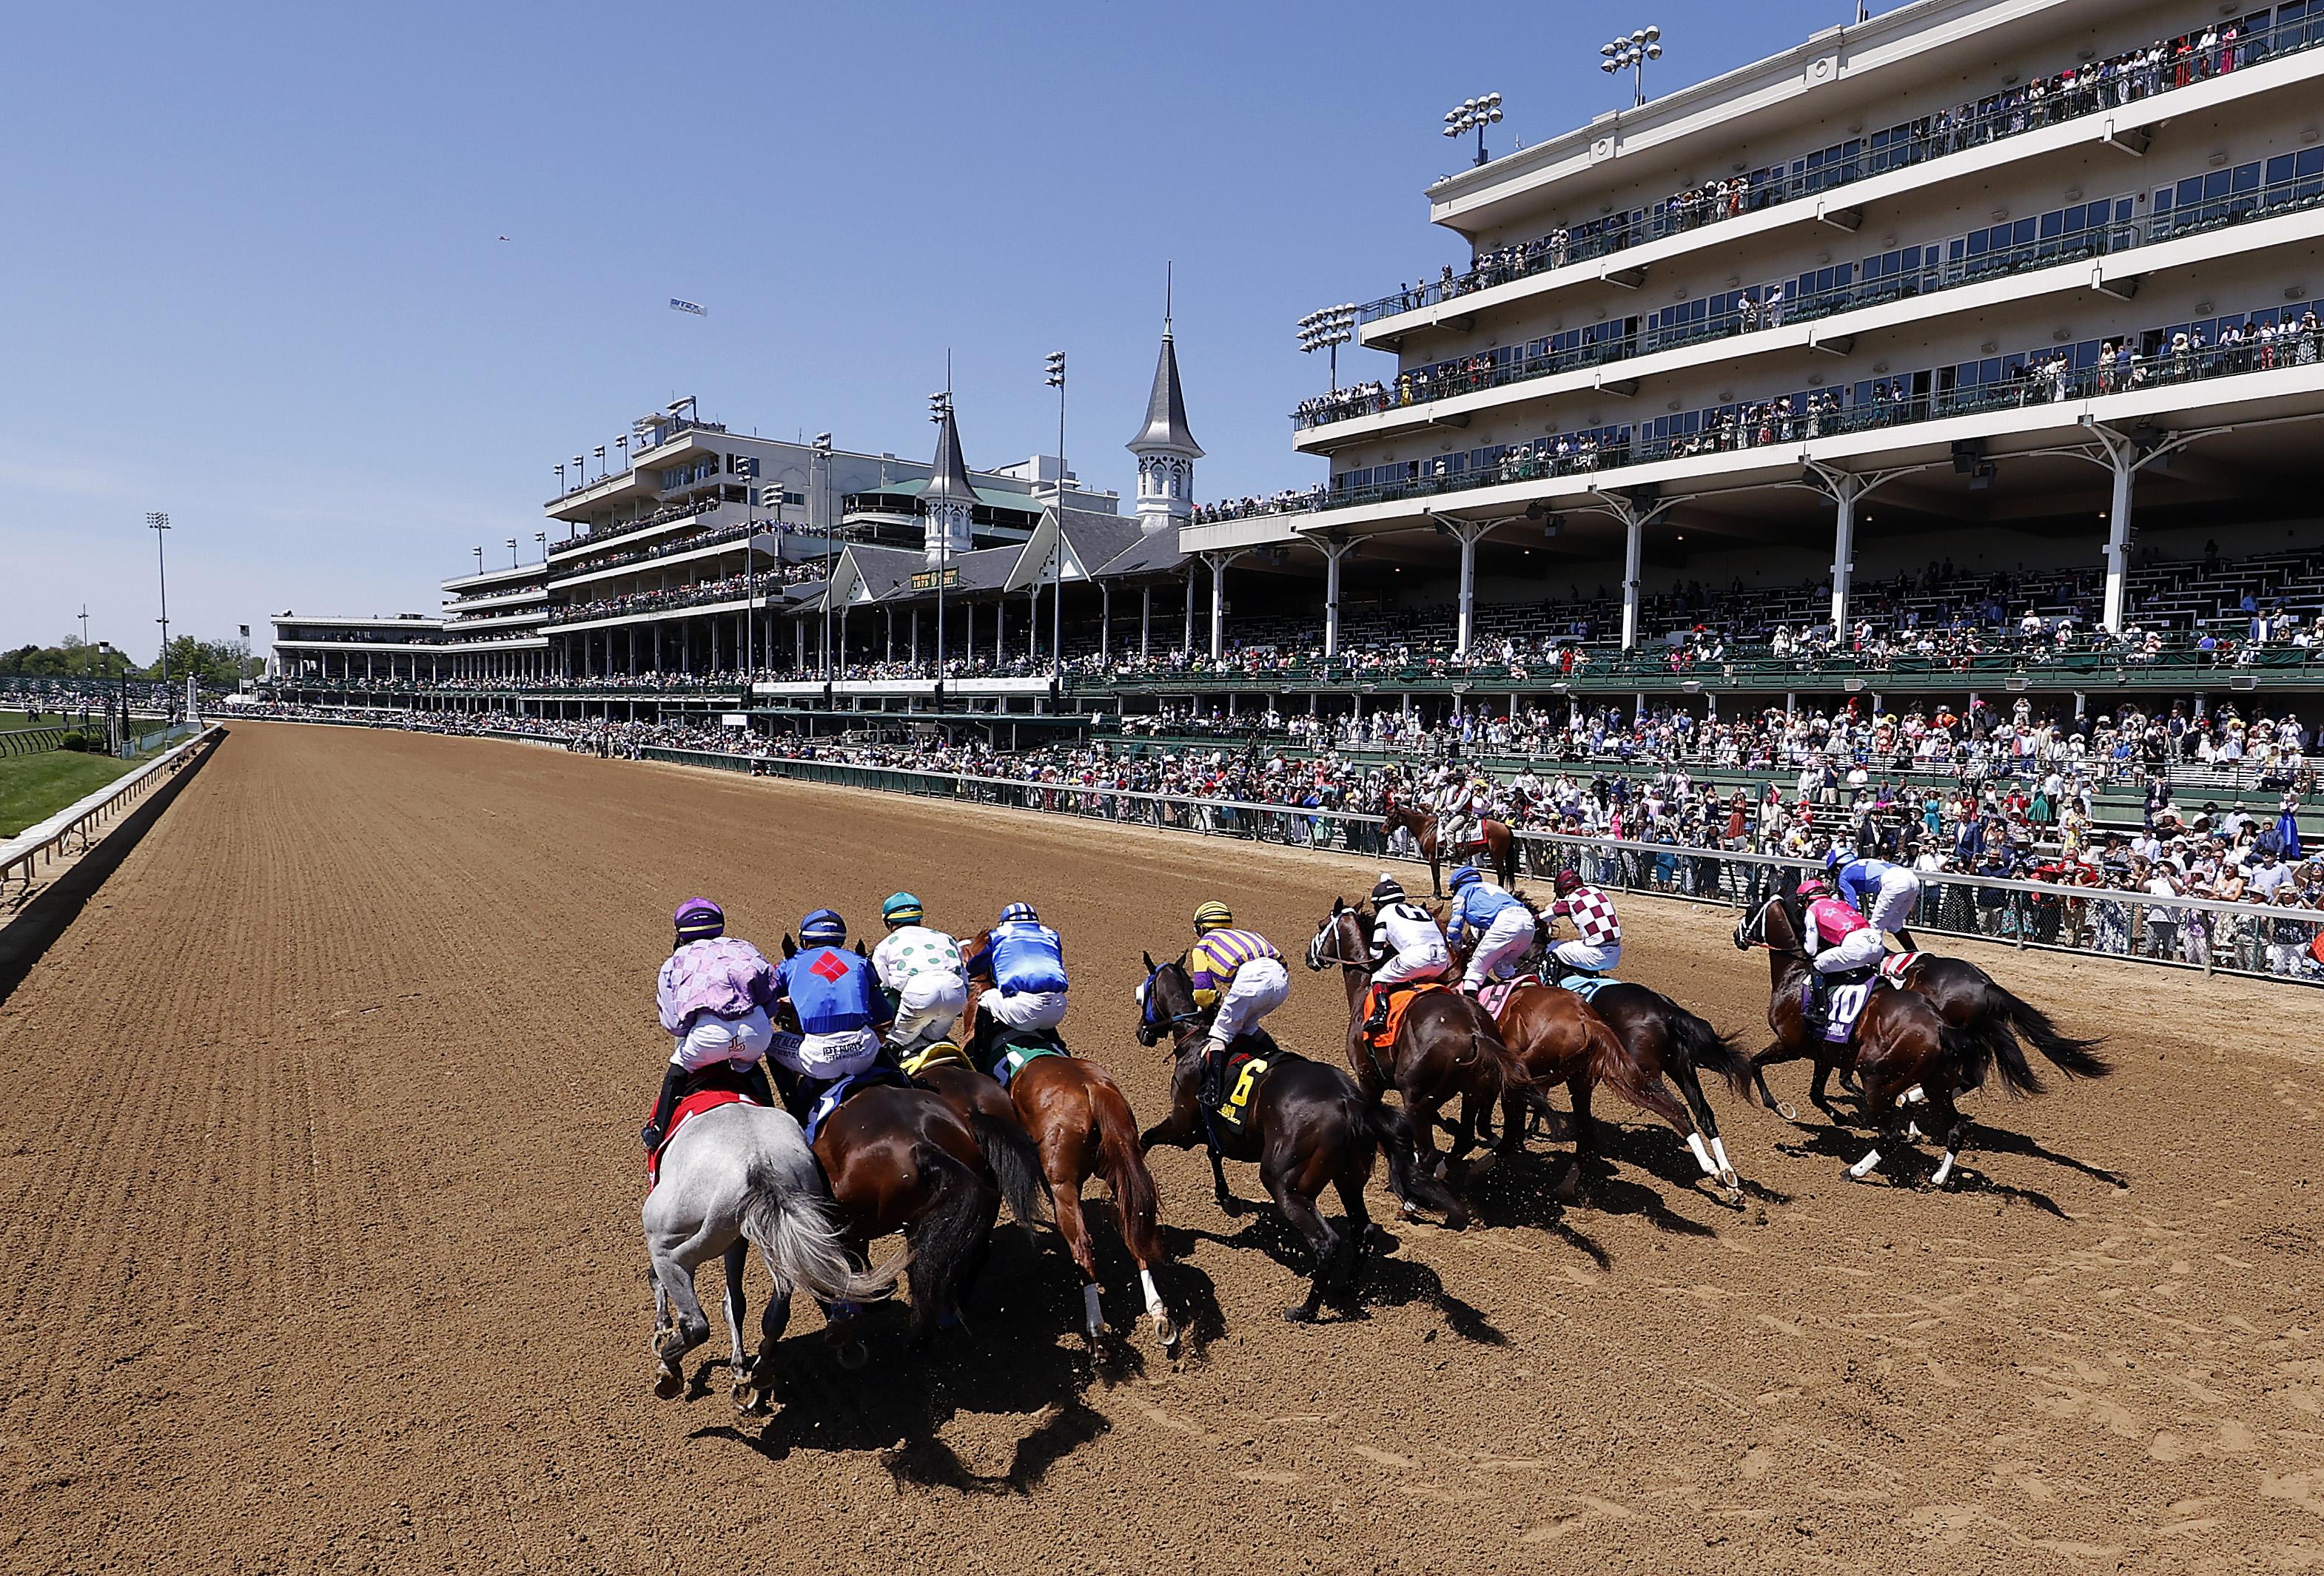 """2021年5月1日,在肯塔基州路易斯维尔丘吉尔唐斯举行的第147届肯塔基赛马会(I 'll Have Another)前5场比赛中,马儿们从""""我还有一匹马""""(I 'll Have Another)的起点冲出大门。"""